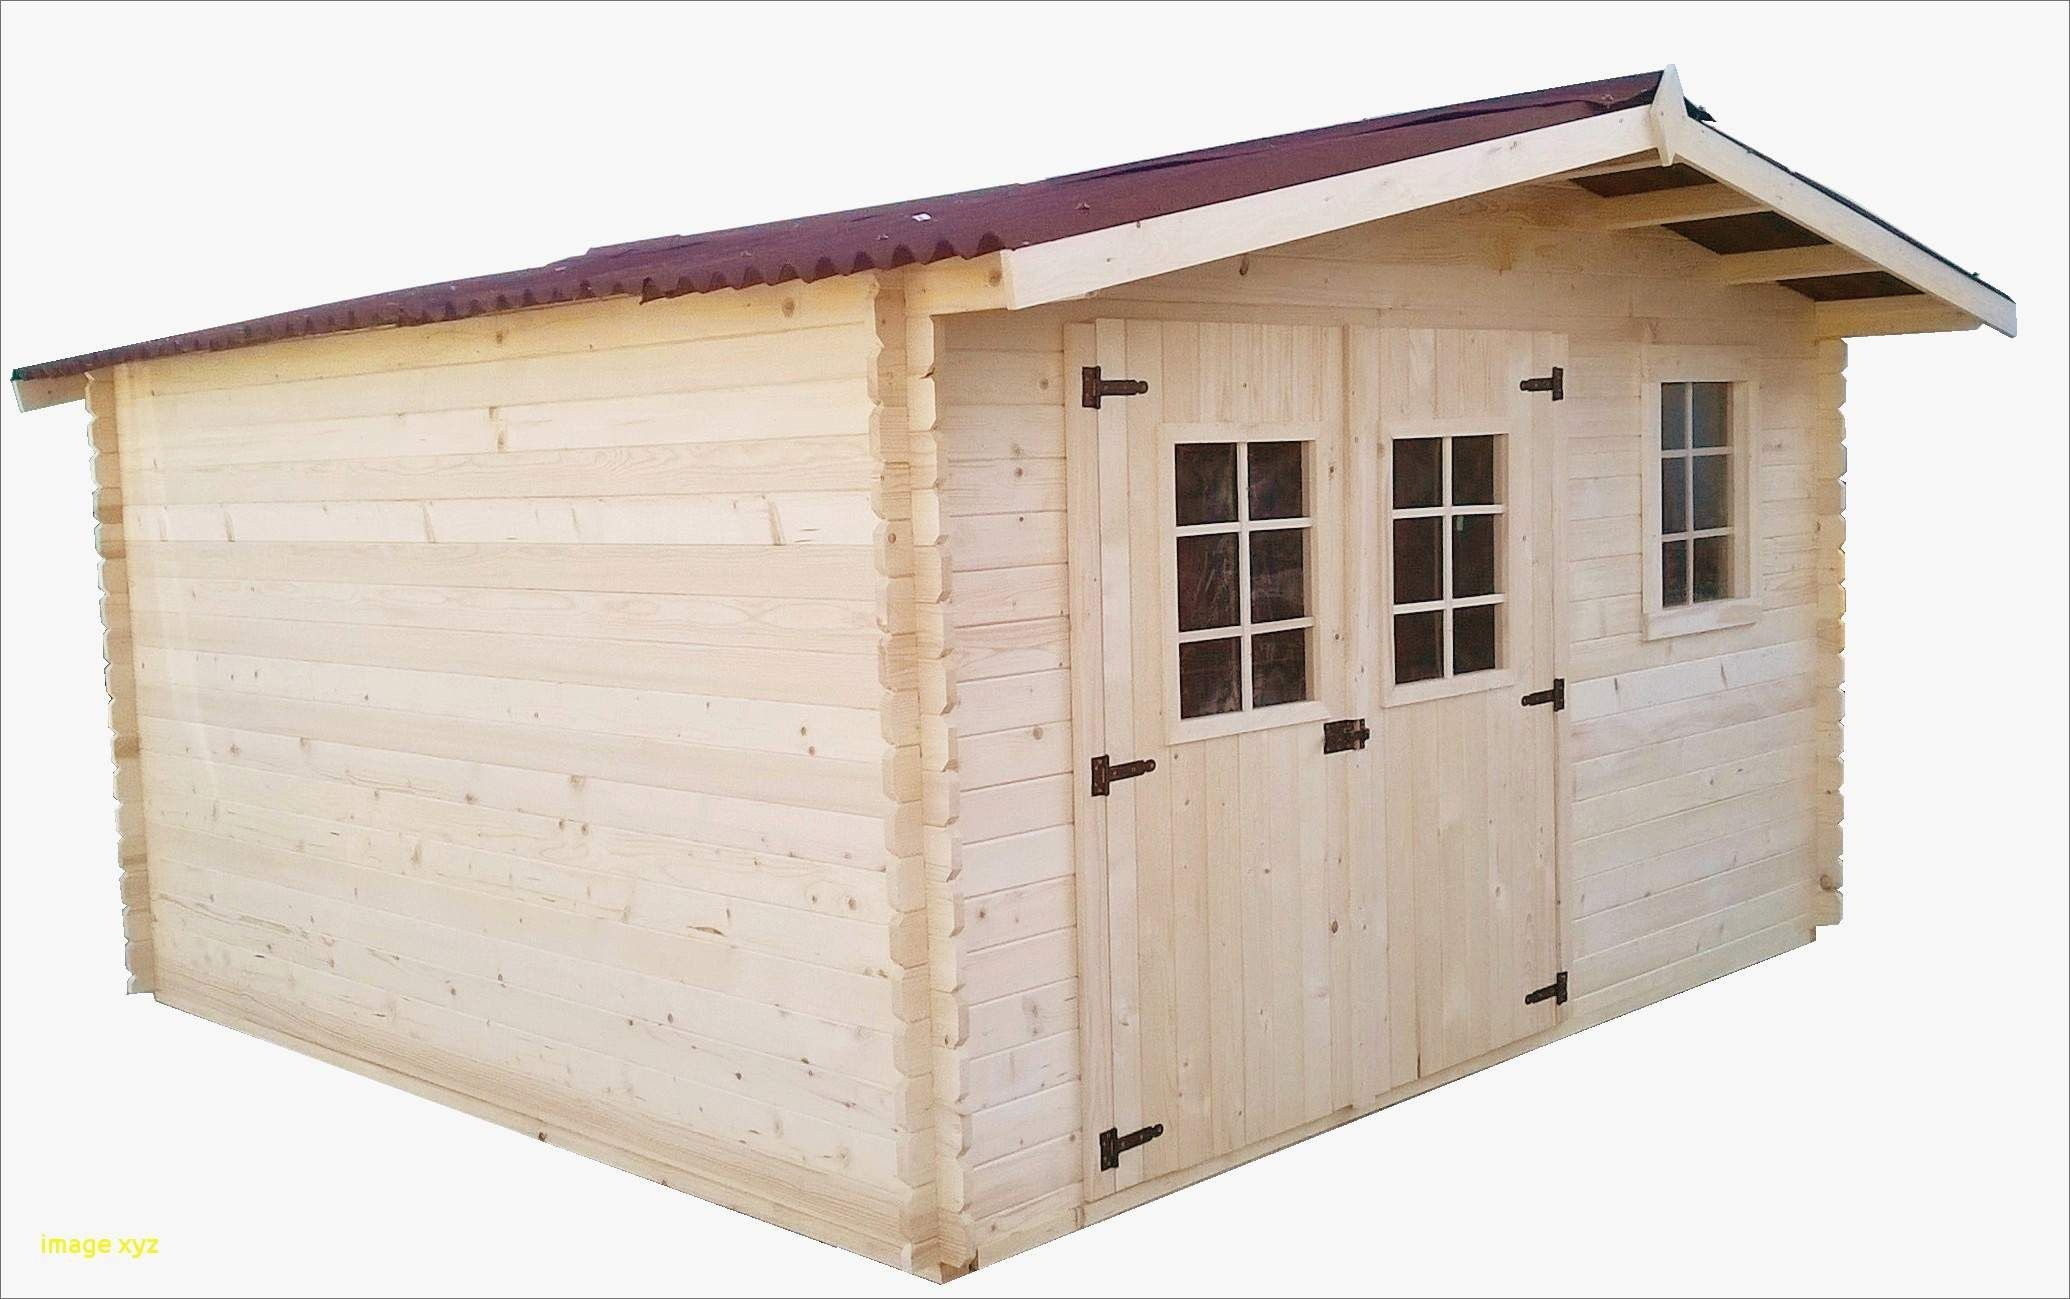 Cabanon De Jardin Pas Cher abri de jardin en bois pas cher in 2020 | outdoor, shed